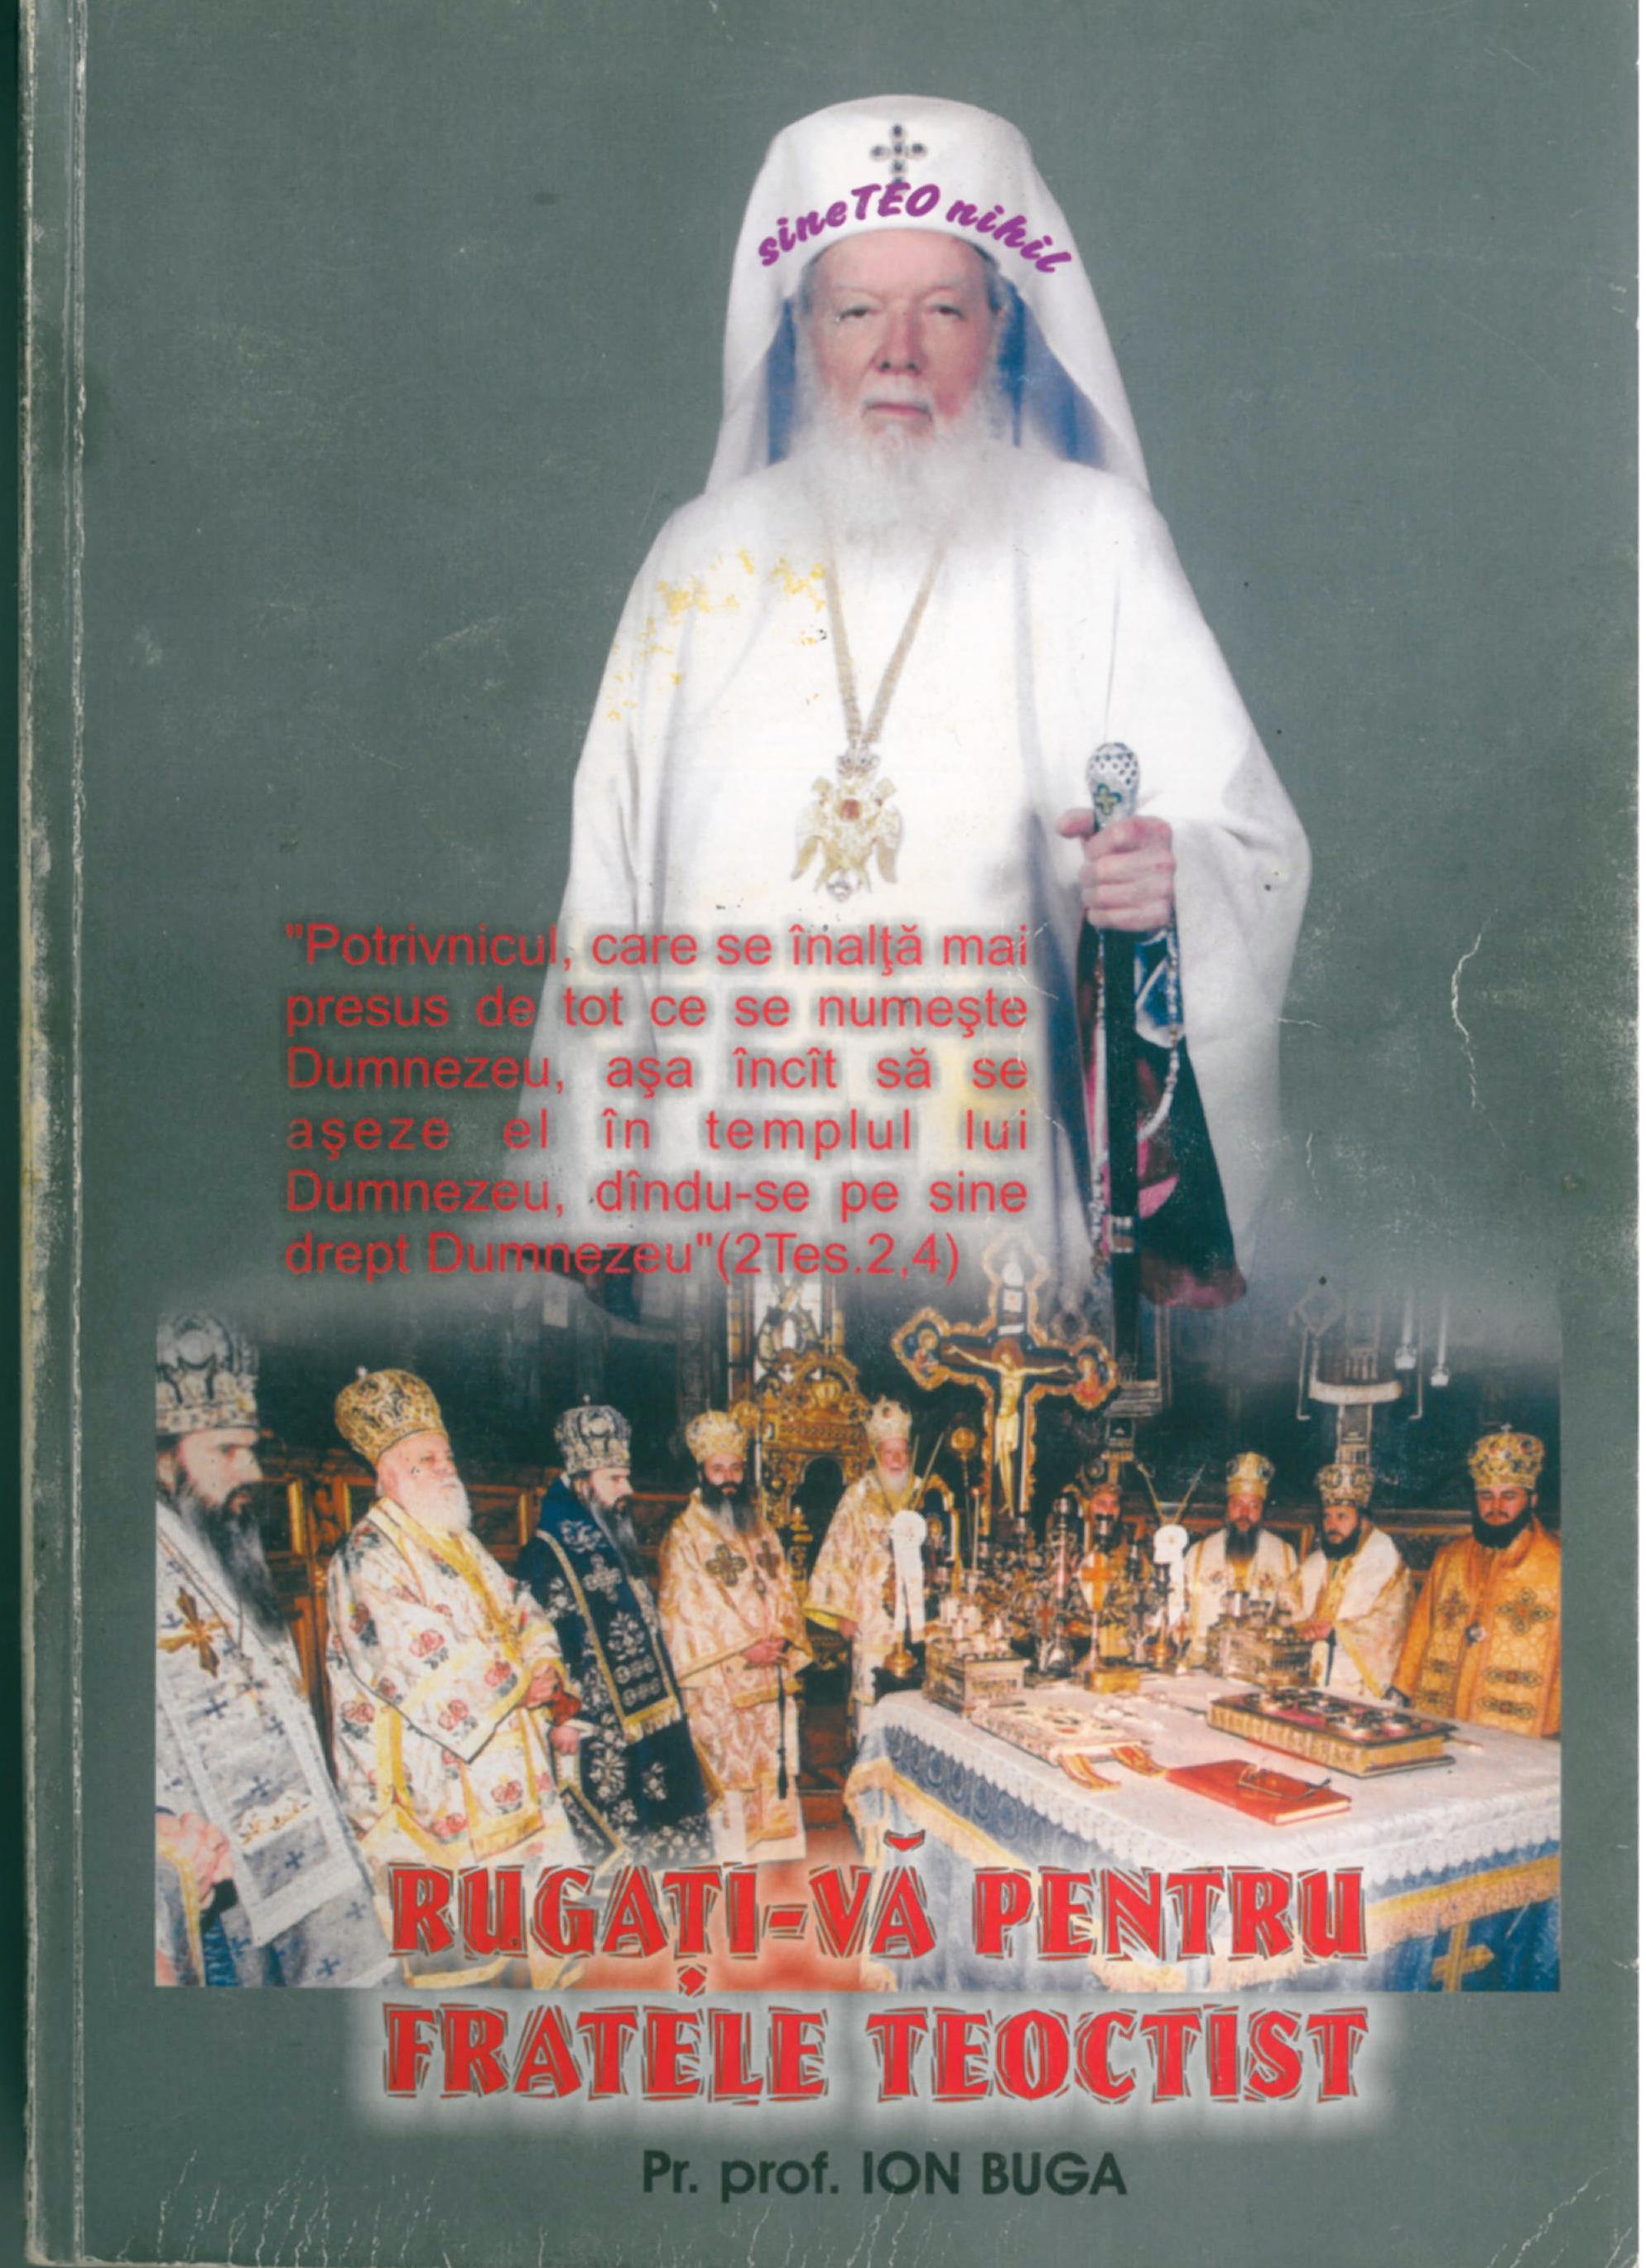 Coperta carte Rugati-va pentru fratele Teoctist